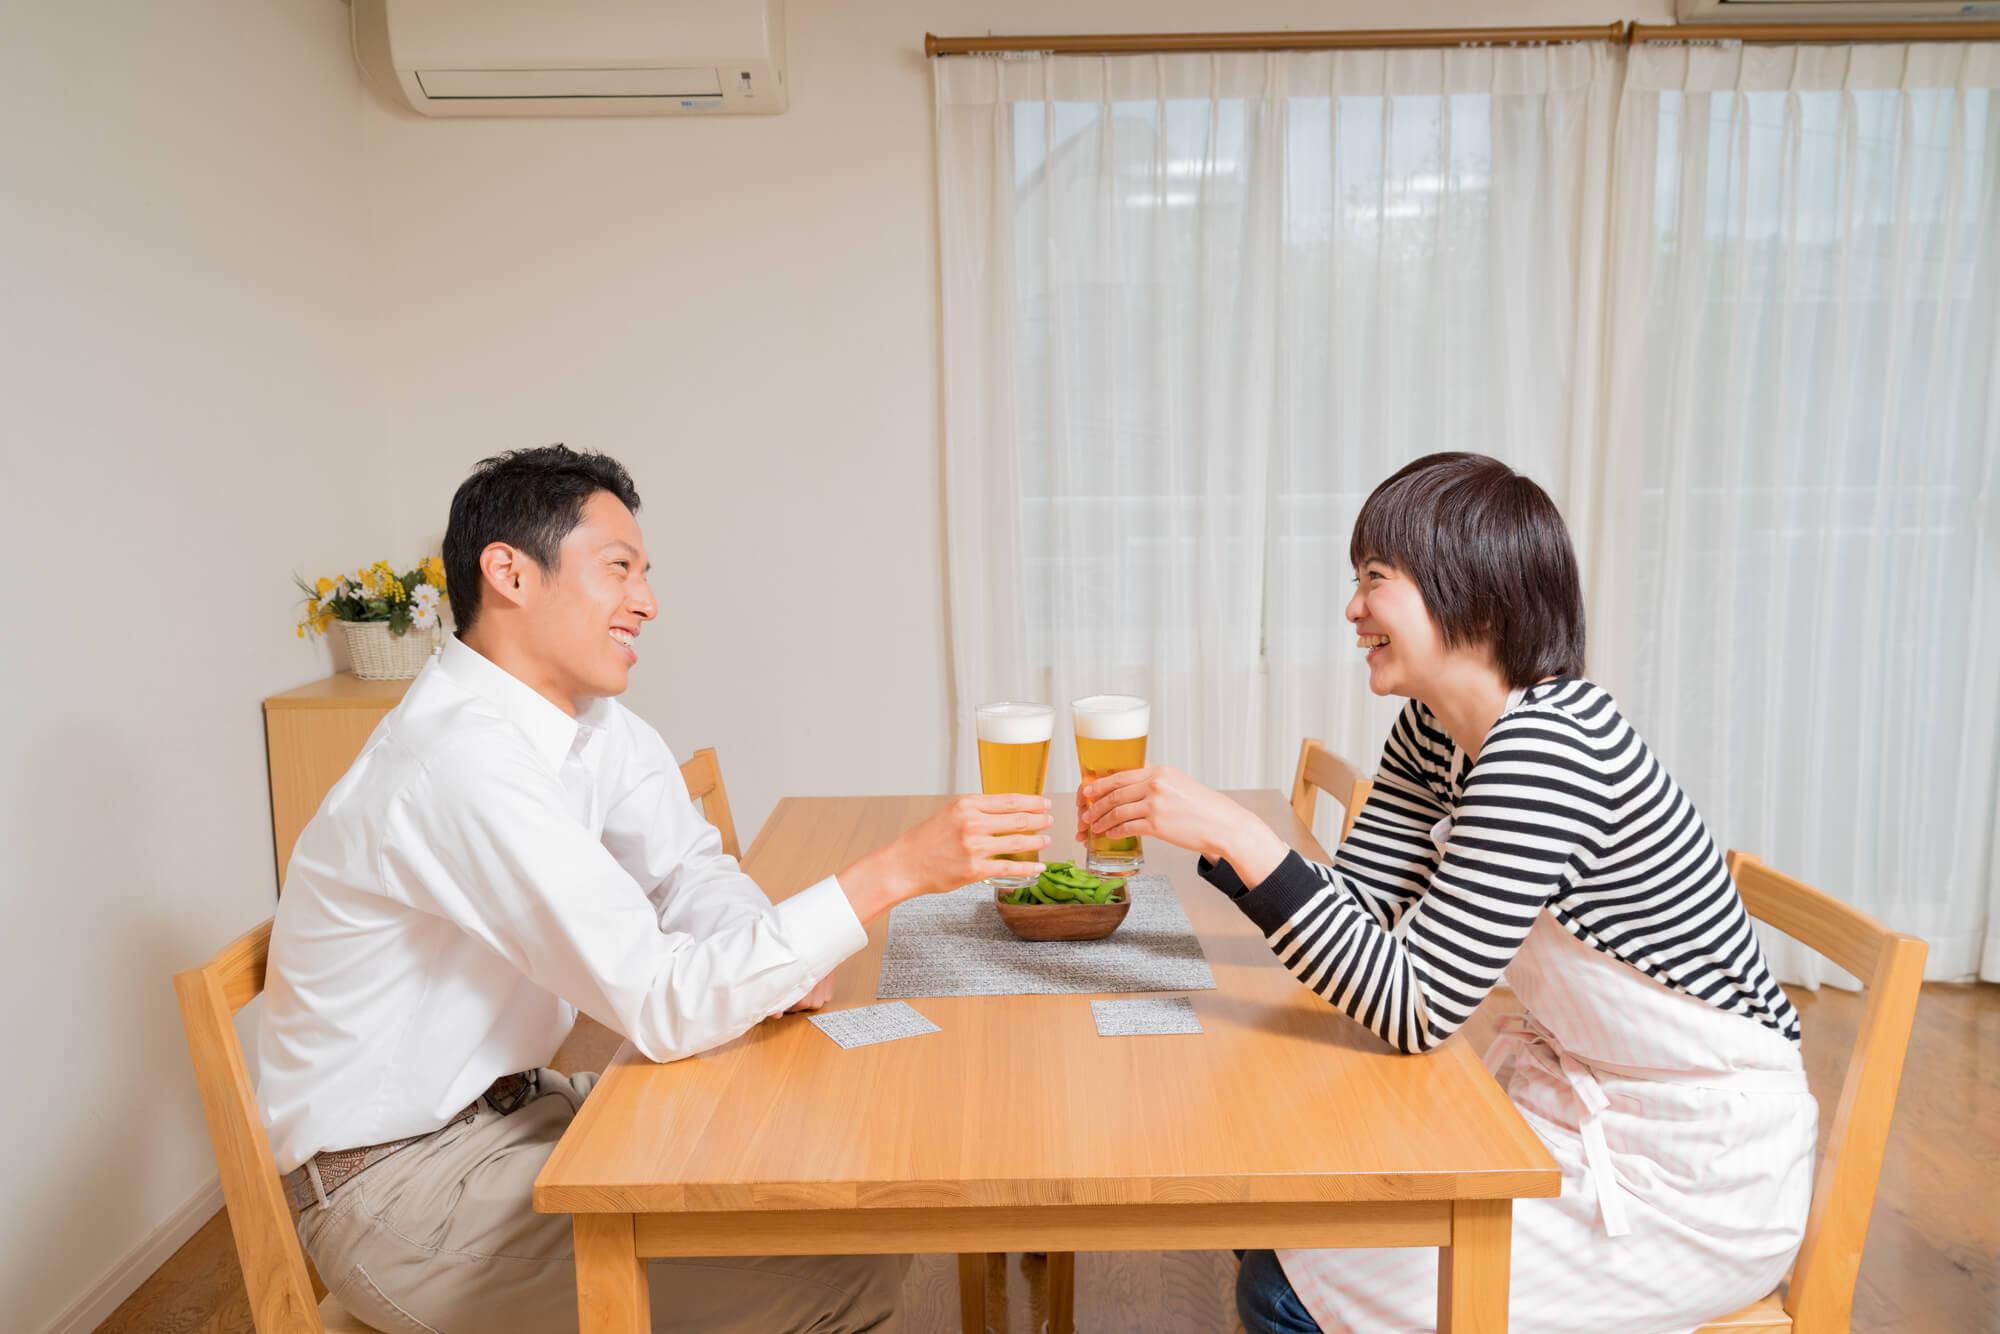 お酒やおつまみにも!疲労回復にもつながるクエン酸を使ったお酒レシピ